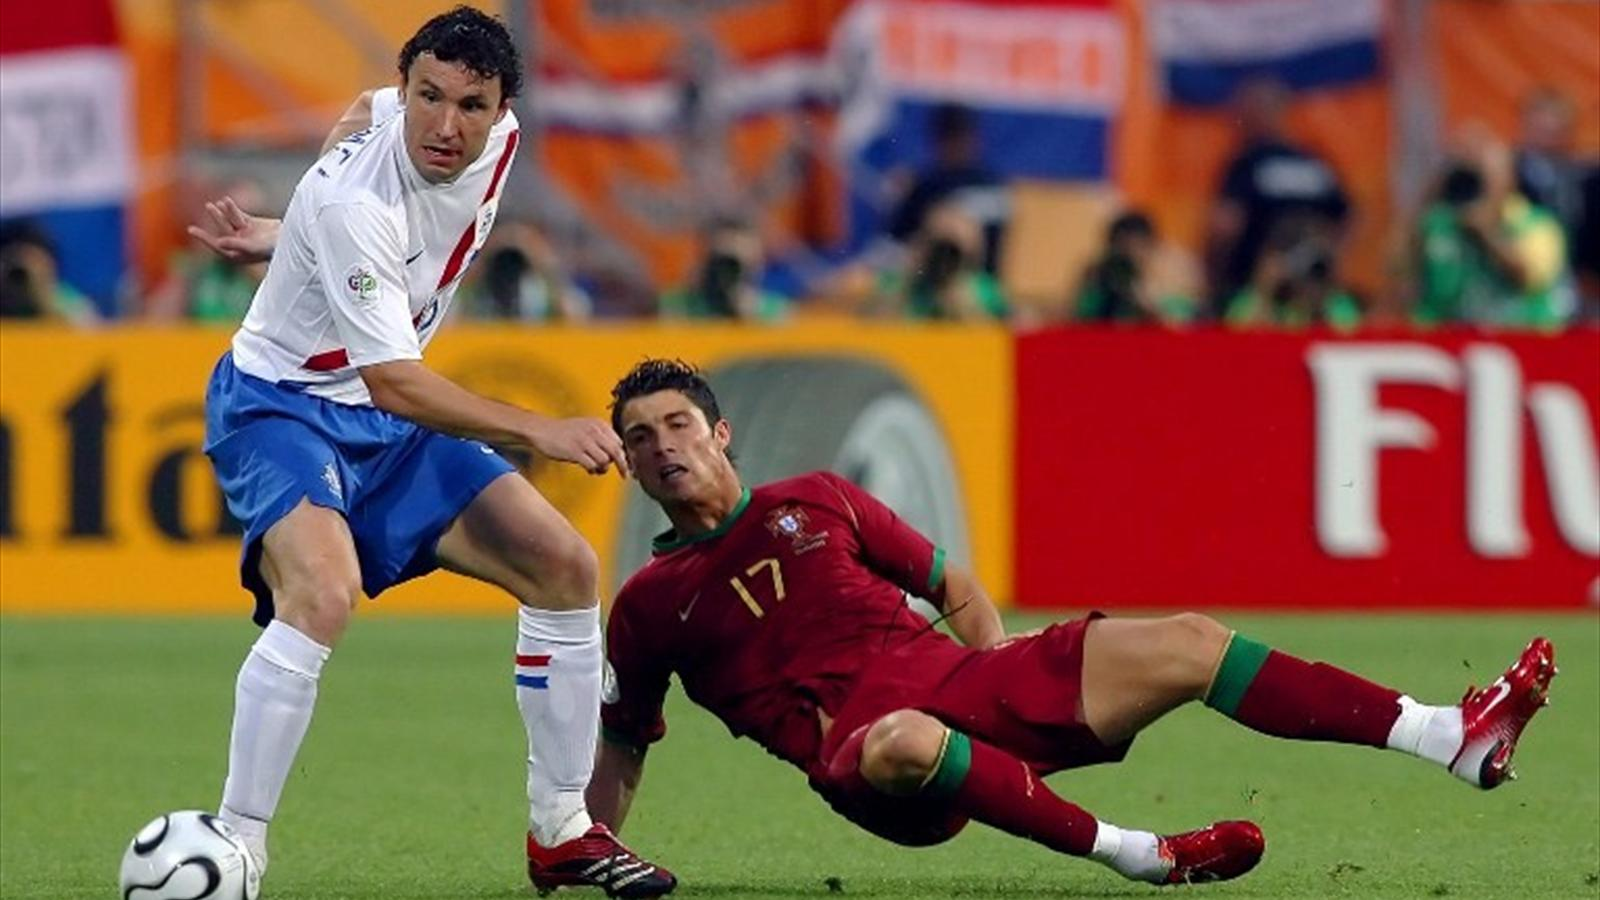 Португалия Голландия Прогноз Футбол